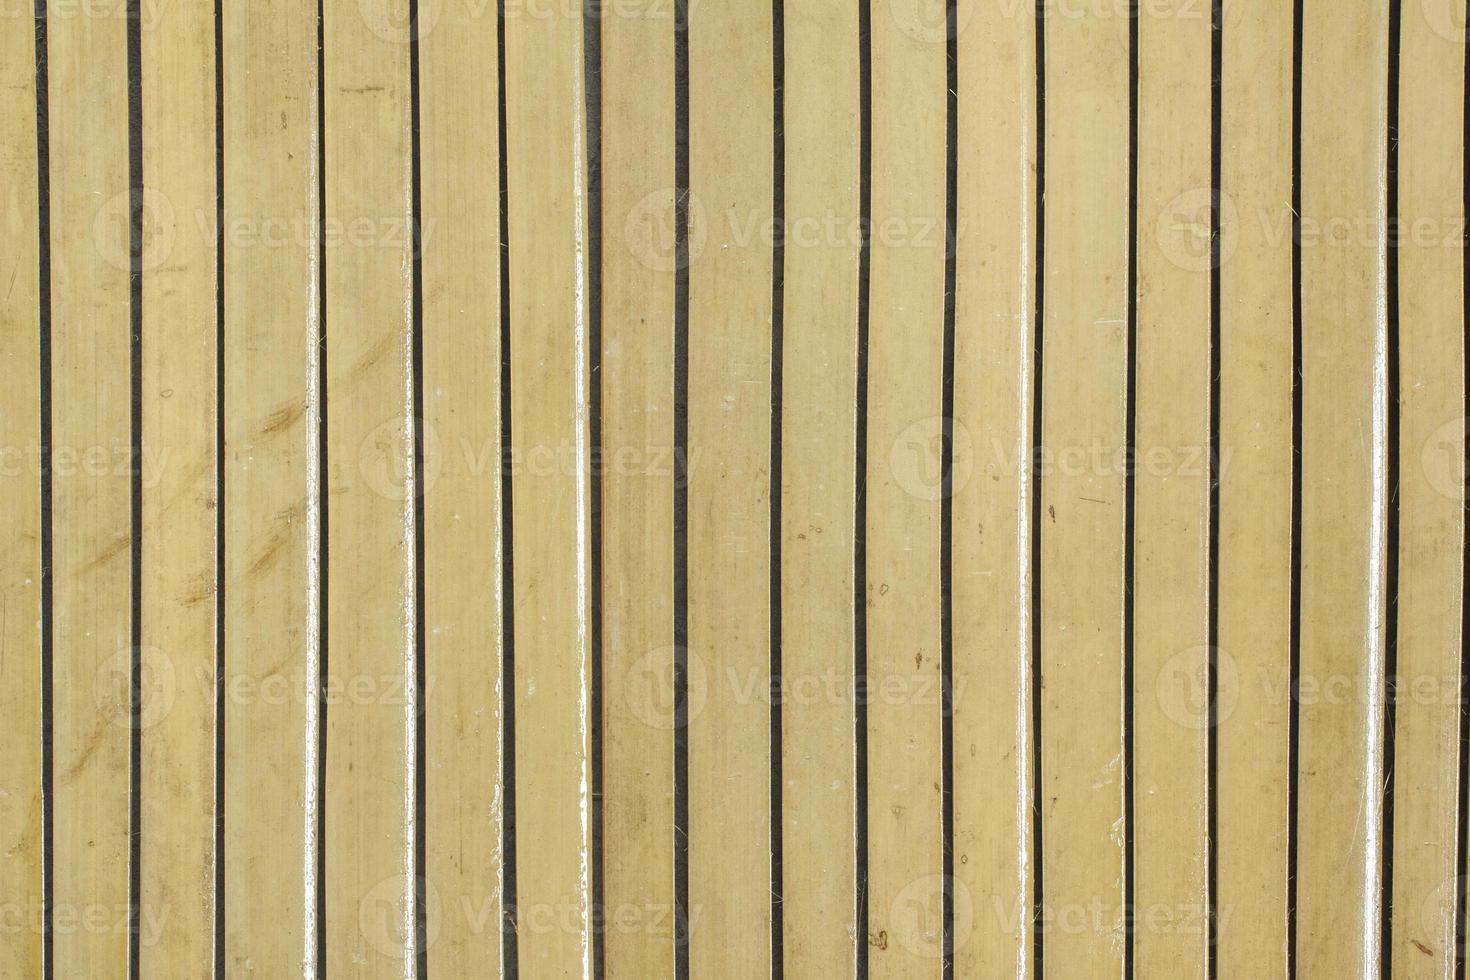 texture de bambou photo